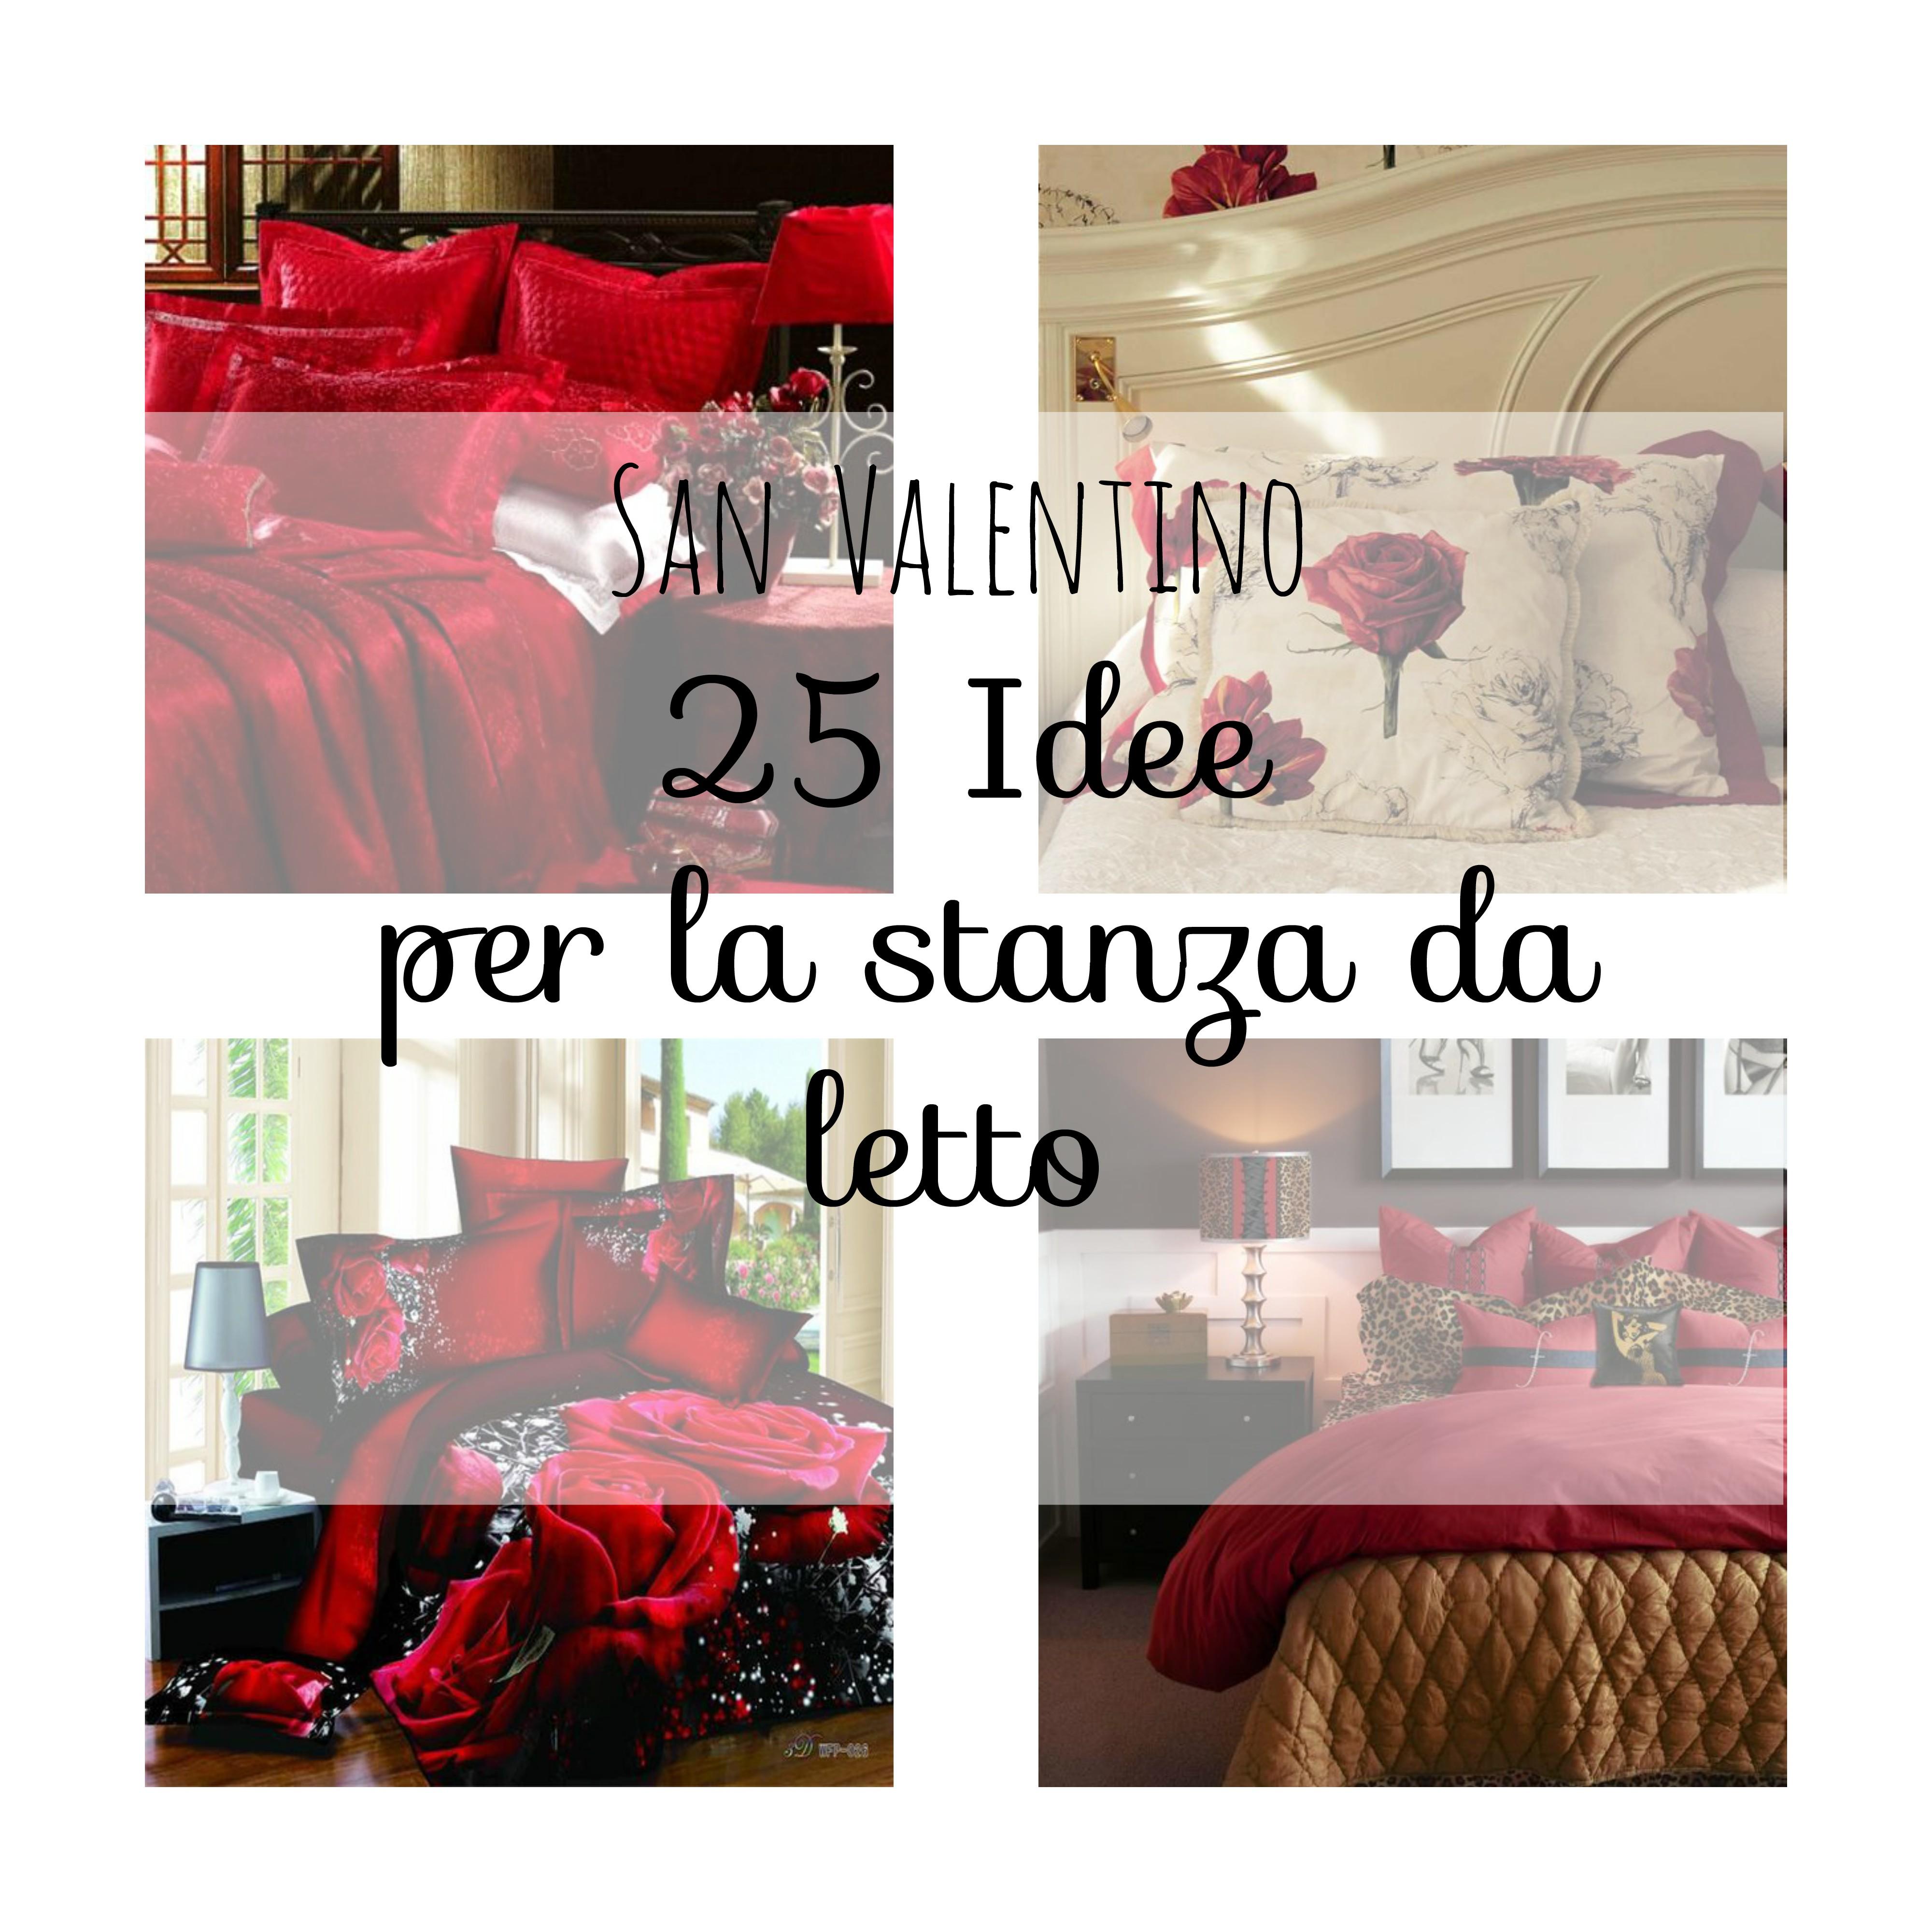 San Valentino 25 Fantastiche Idee Per La Stanza Da Letto